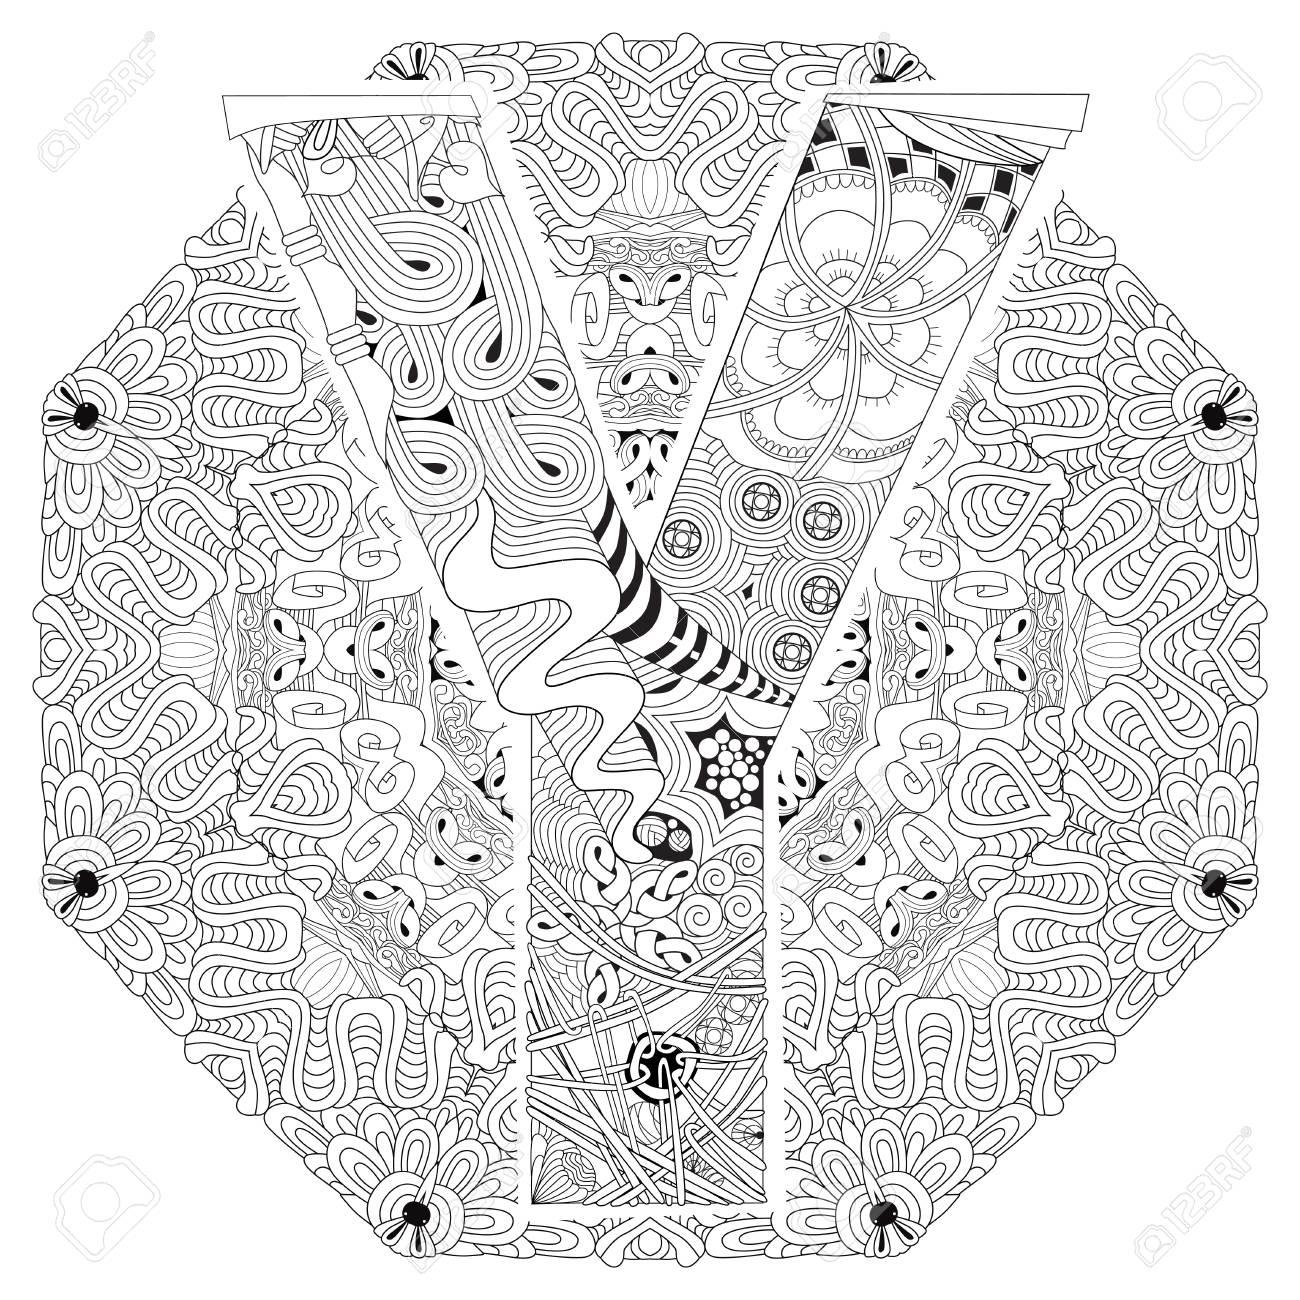 Handbemaltes Kunstdesign Adult Anti Stress Malvorlage Schwarz Weiß